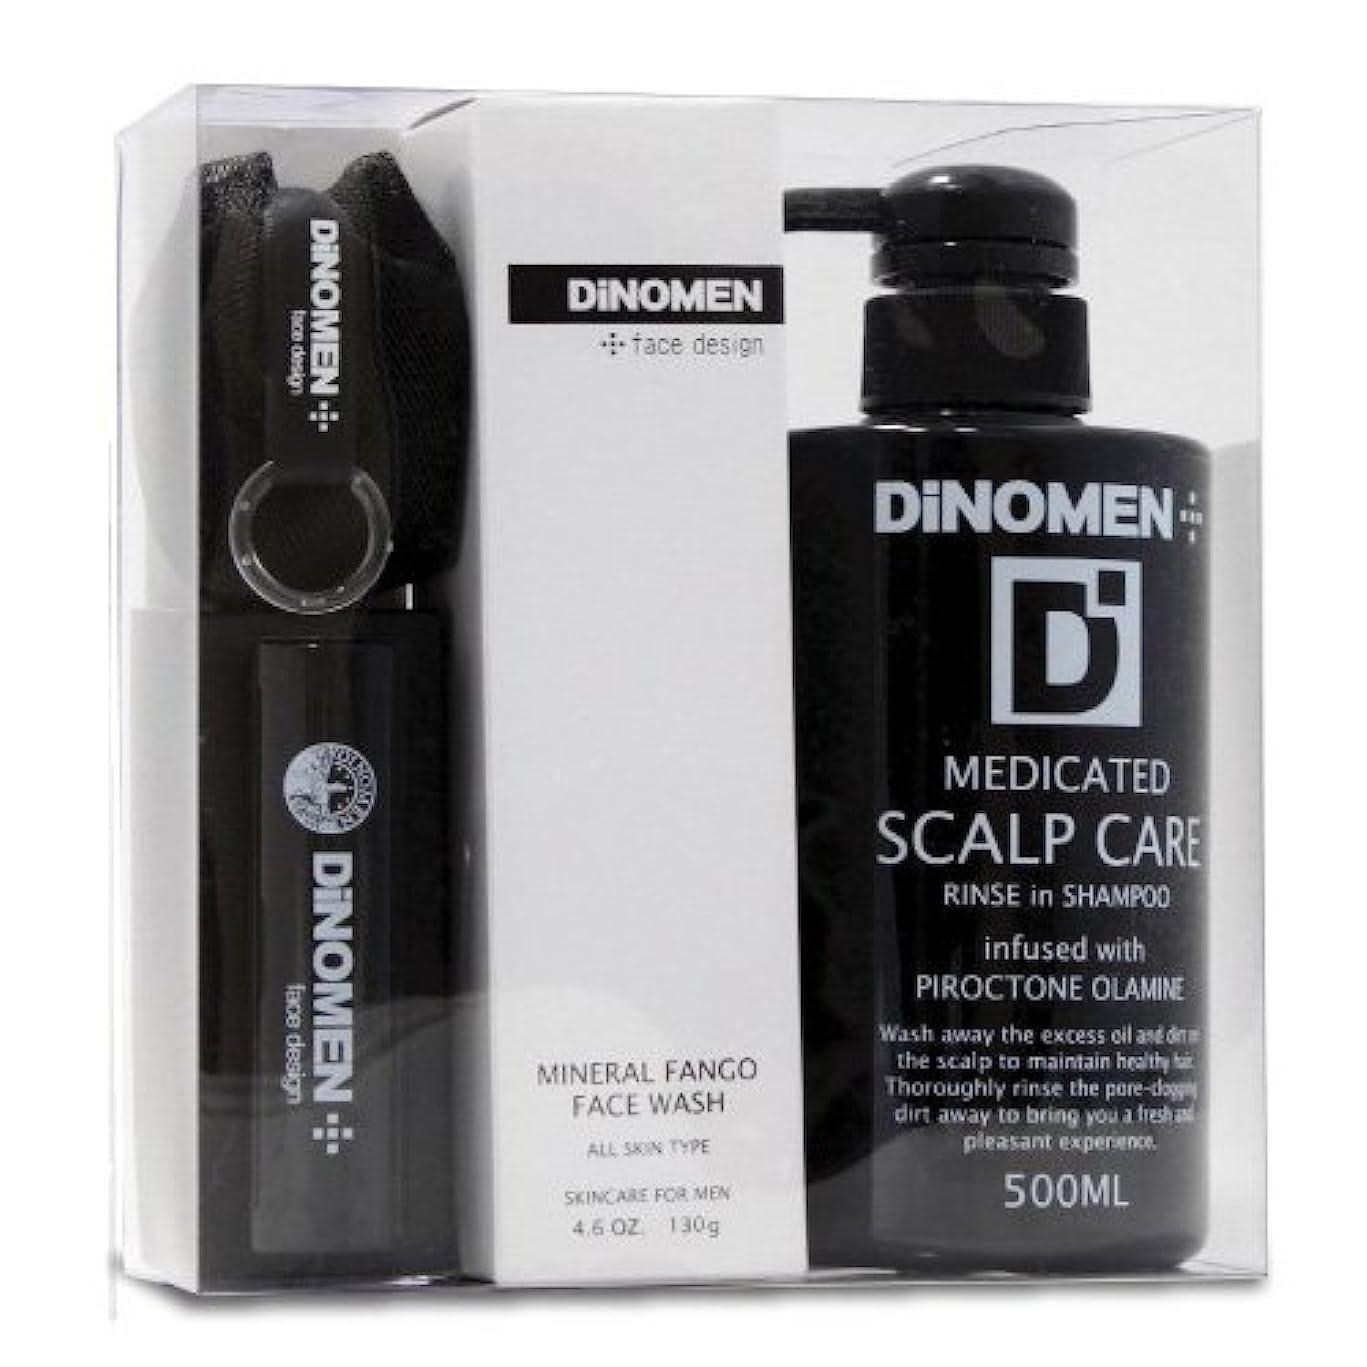 アパル結晶類似性DiNOMEN フェイスウォッシュ&シャンプーキット